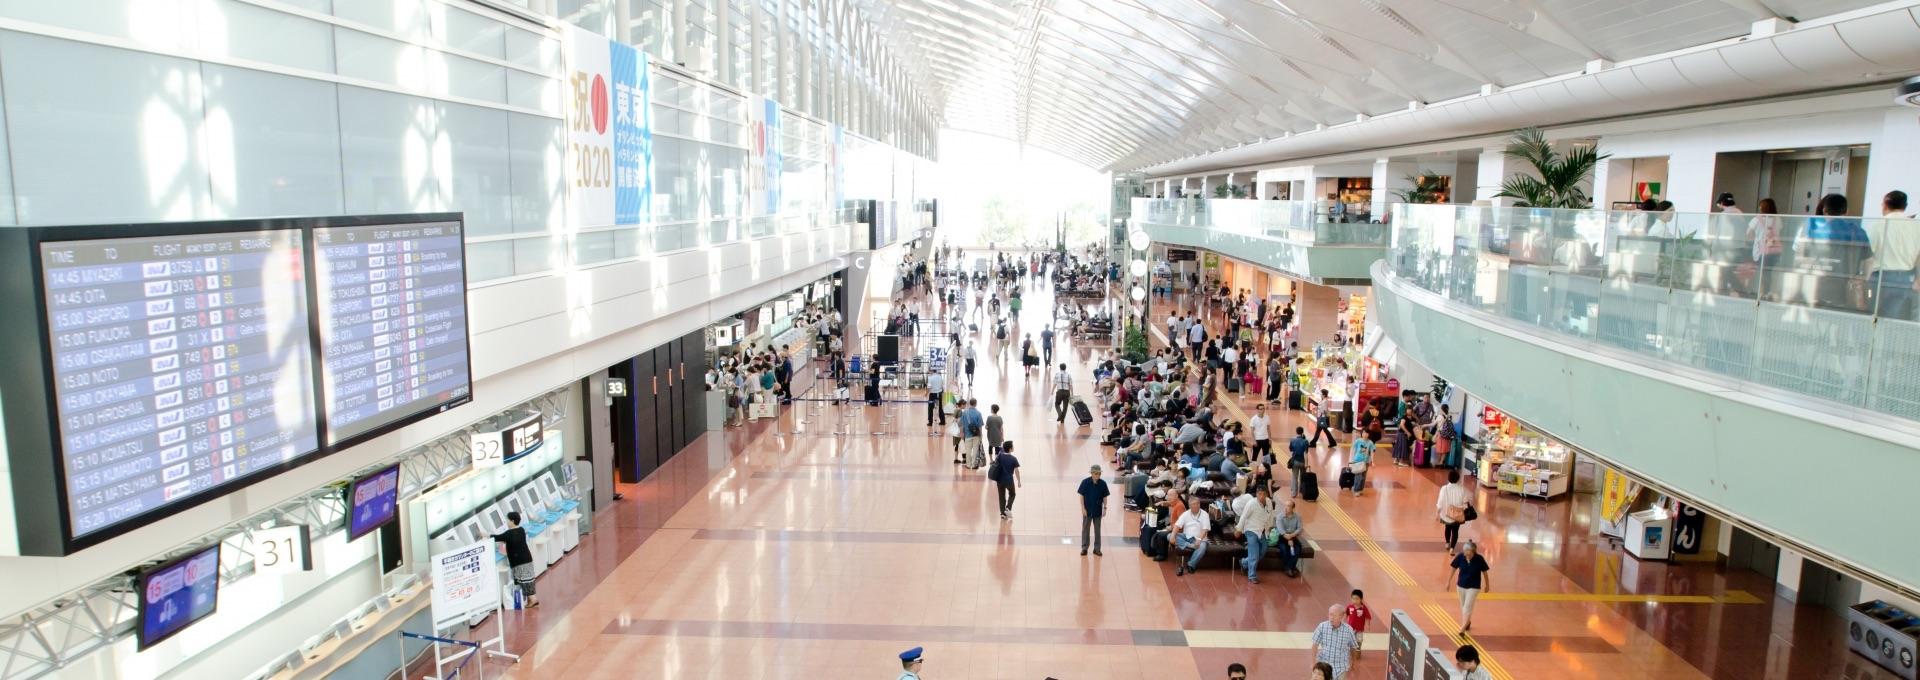 ホワイトパーキング羽田空港駐車場のご利用方法 羽田空港駐車場ホワイトパーキング